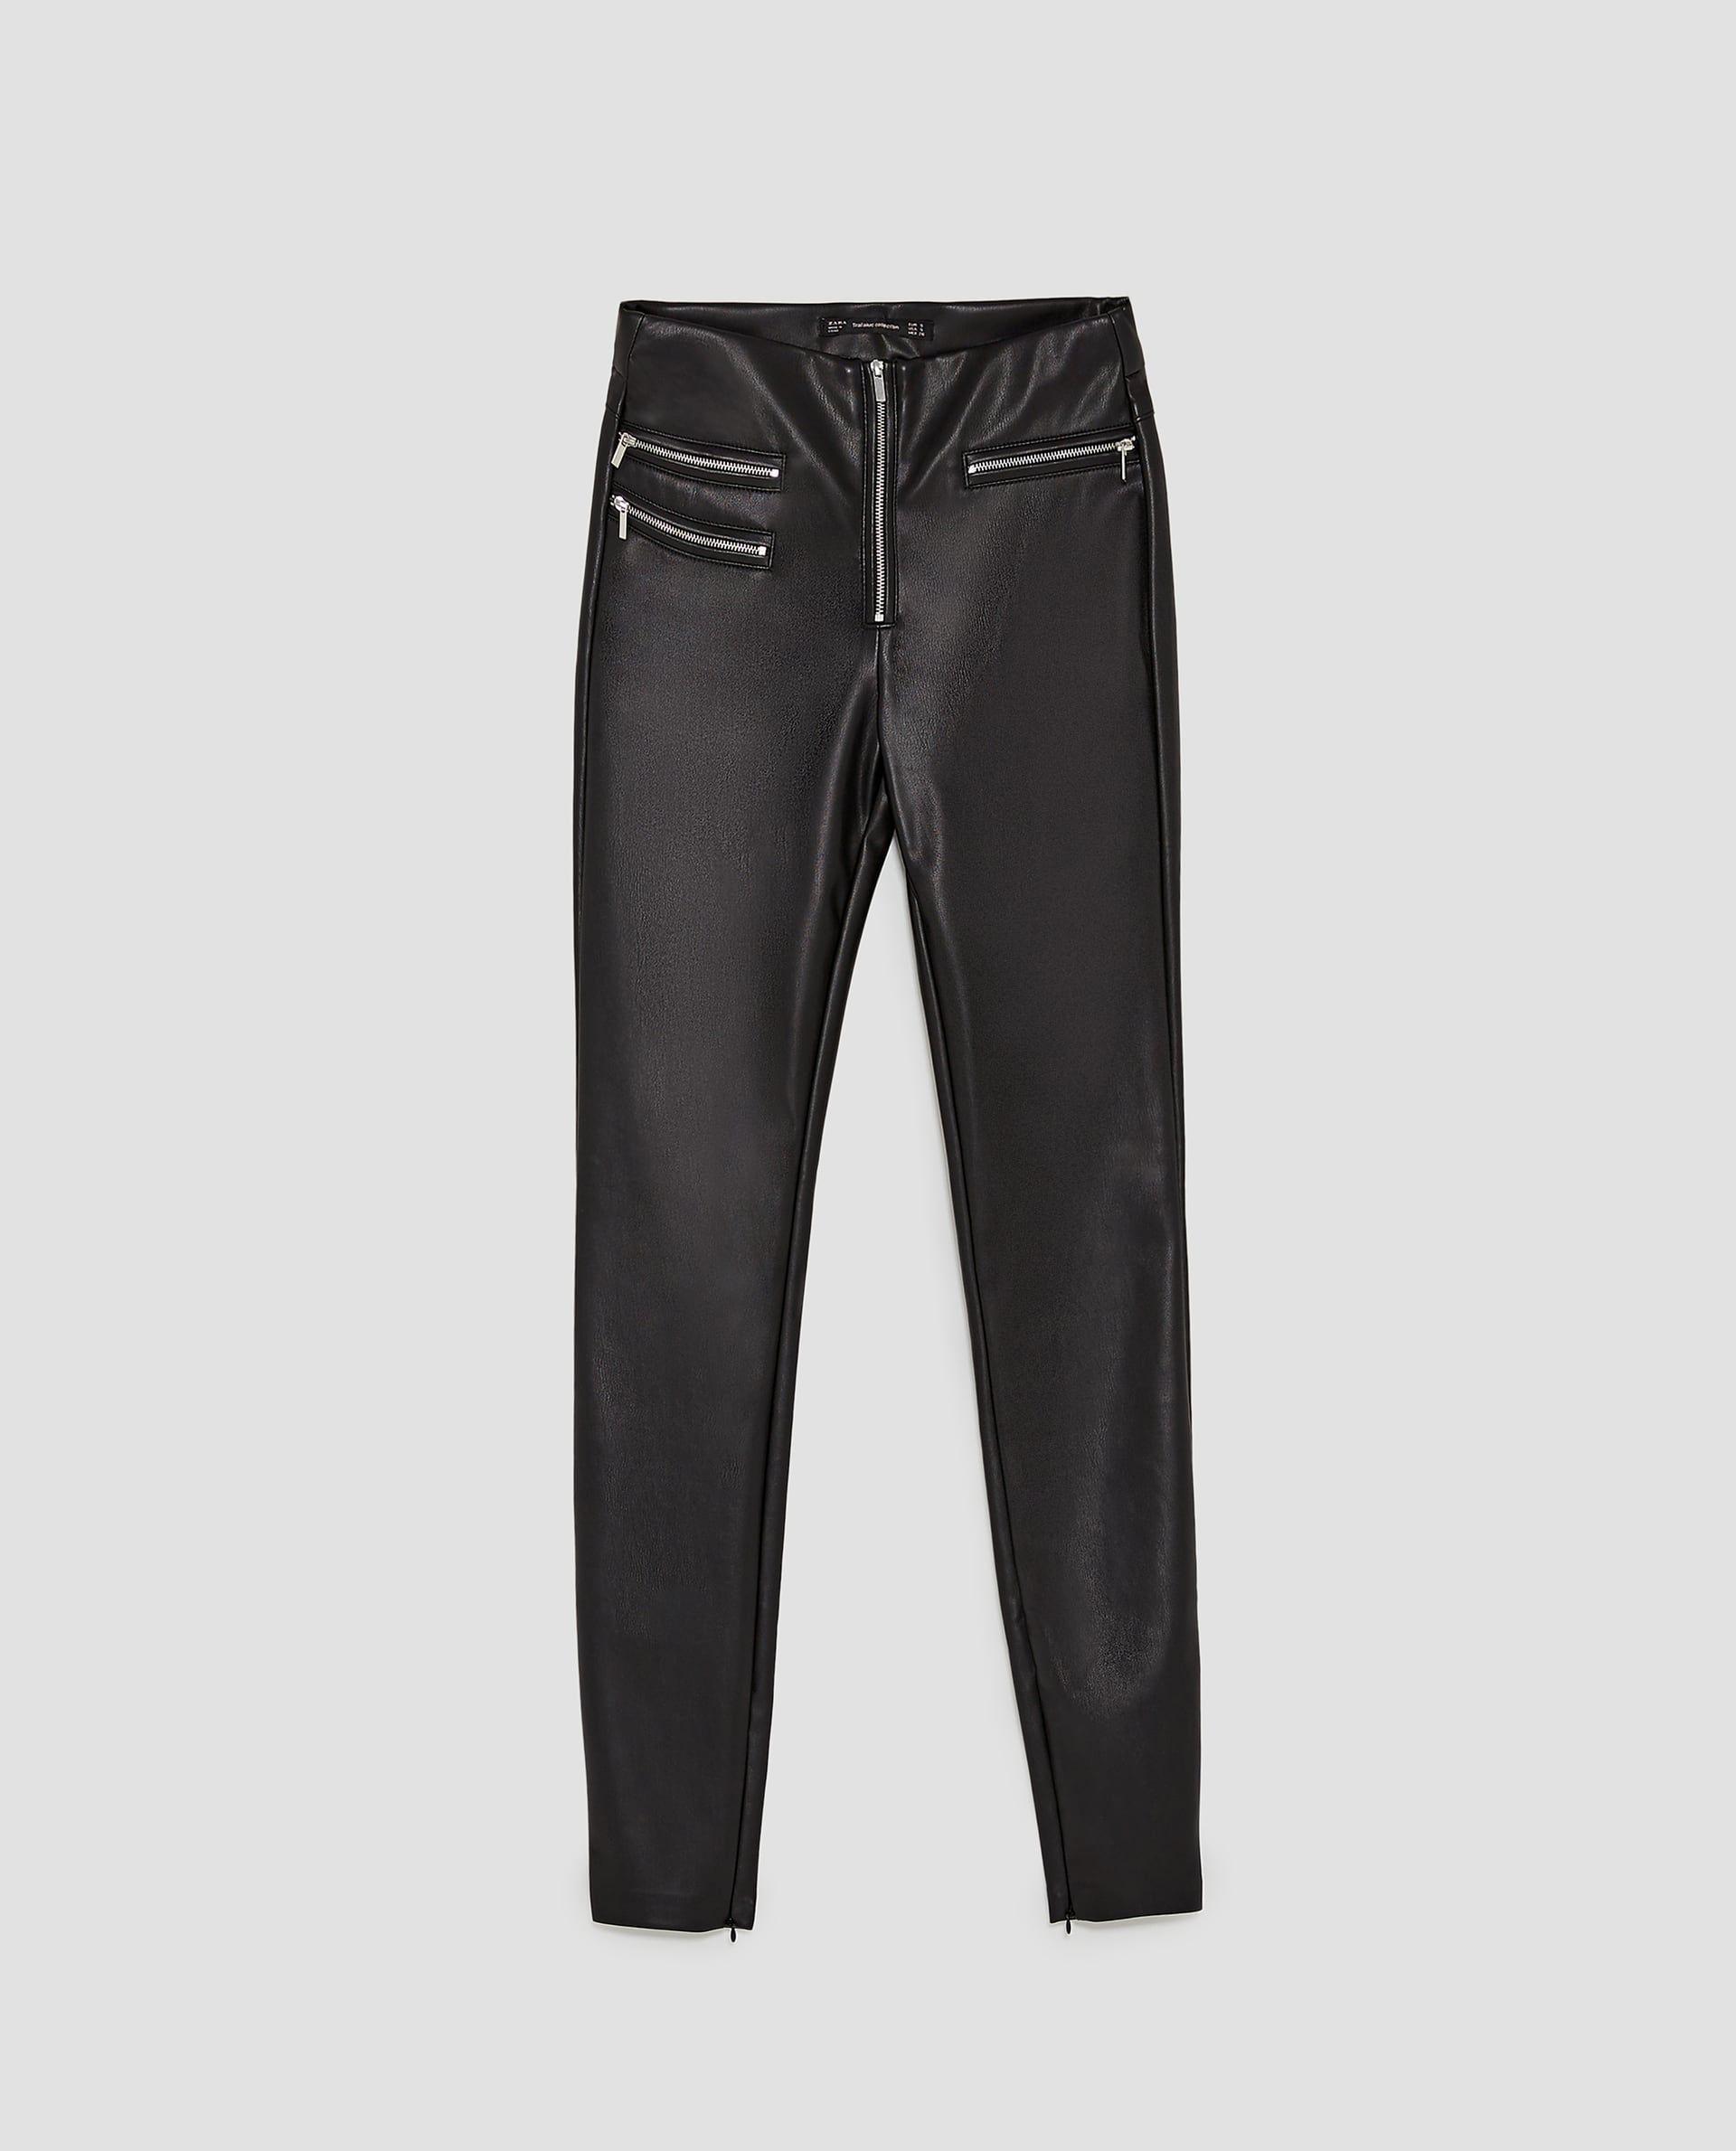 Zara Dan 6 Fermuarli Suni Deri Pantolon Resmi Deri Pantolonlar Pantolon Taytlar